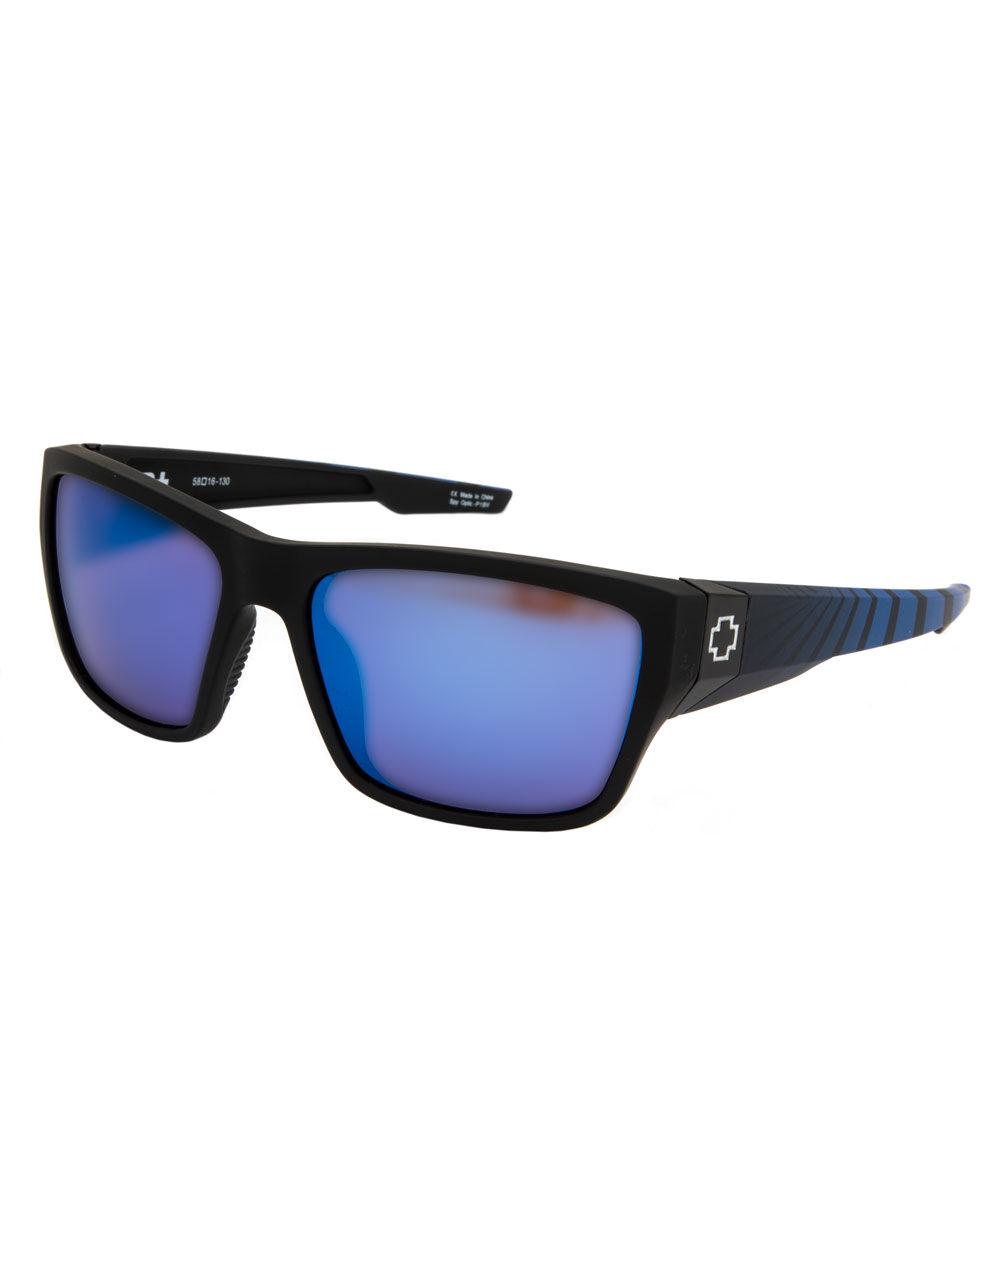 SPY Dirty Mo 2 Soft Matte Black Sunglasses